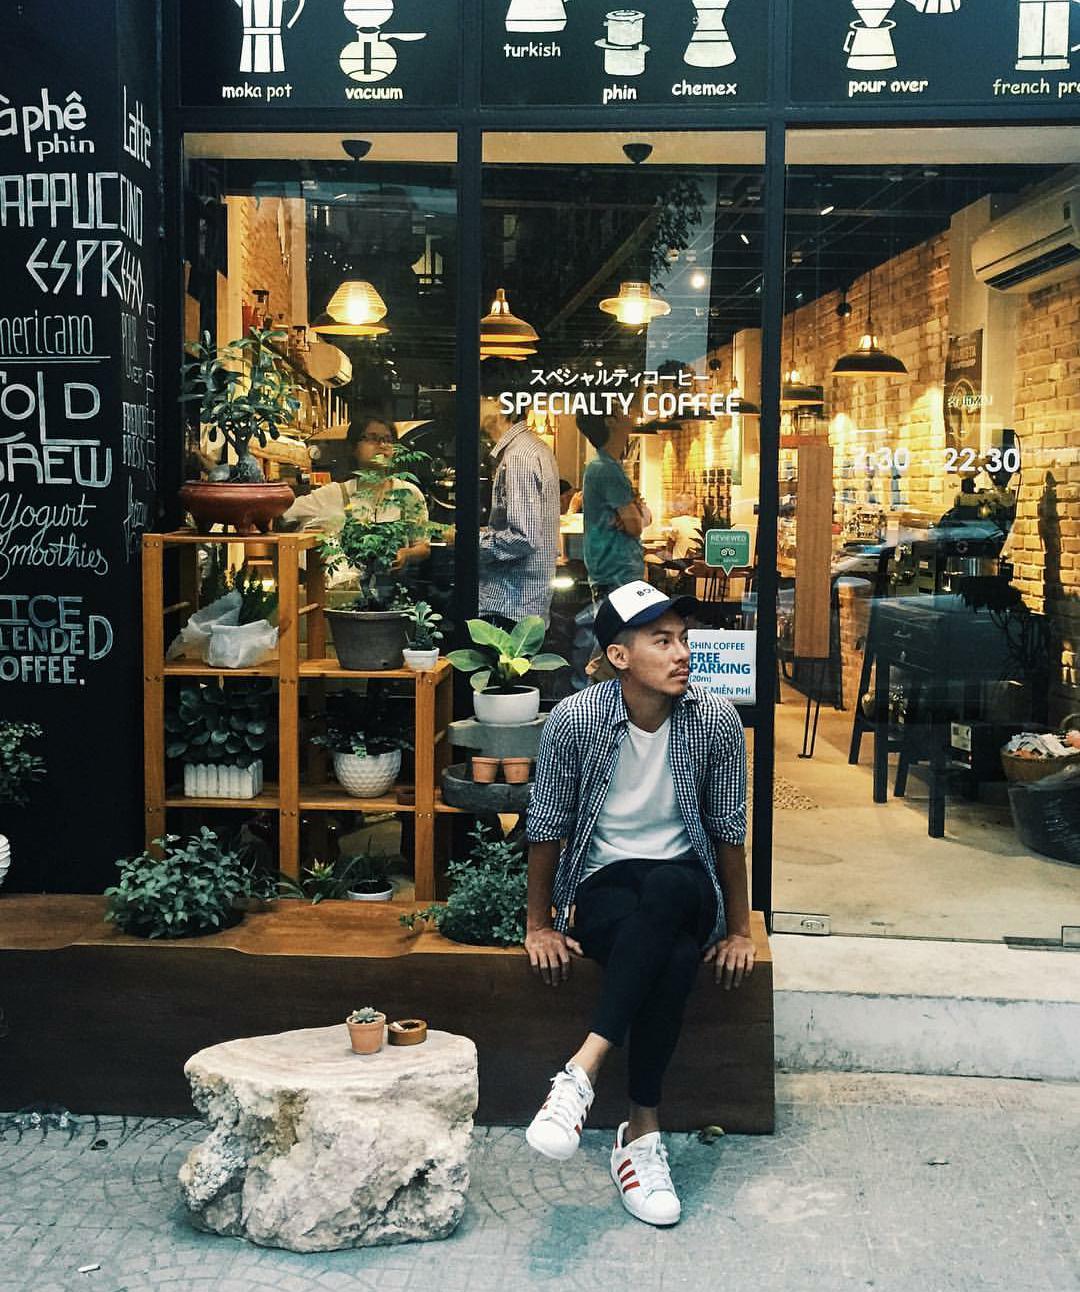 Update ngay danh sách những quán cafe đang được giới trẻ Sài Gòn check-in liên tục - Ảnh 16.